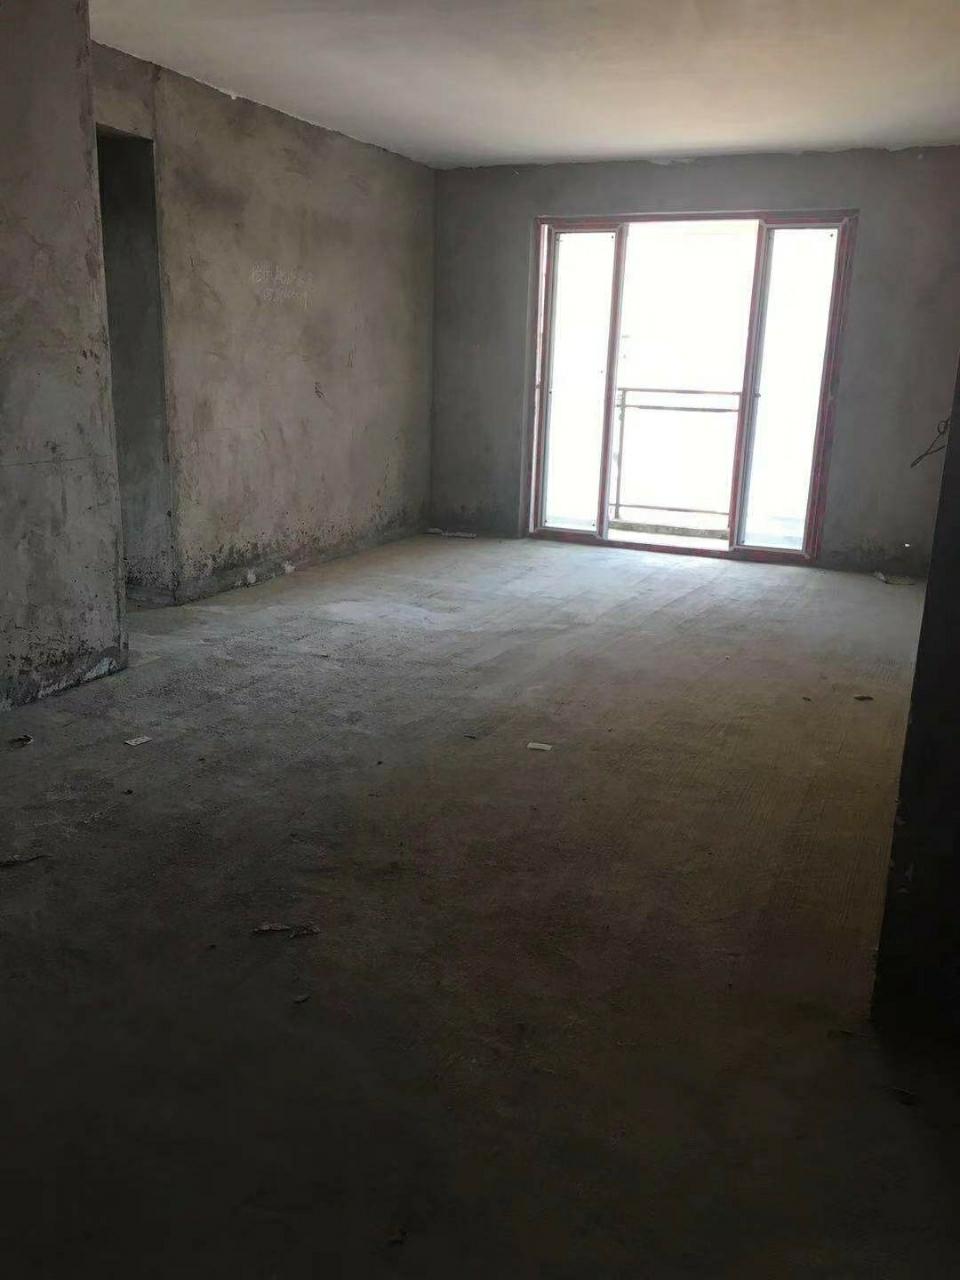 万象君汇3室 2厅 1卫59.8万元